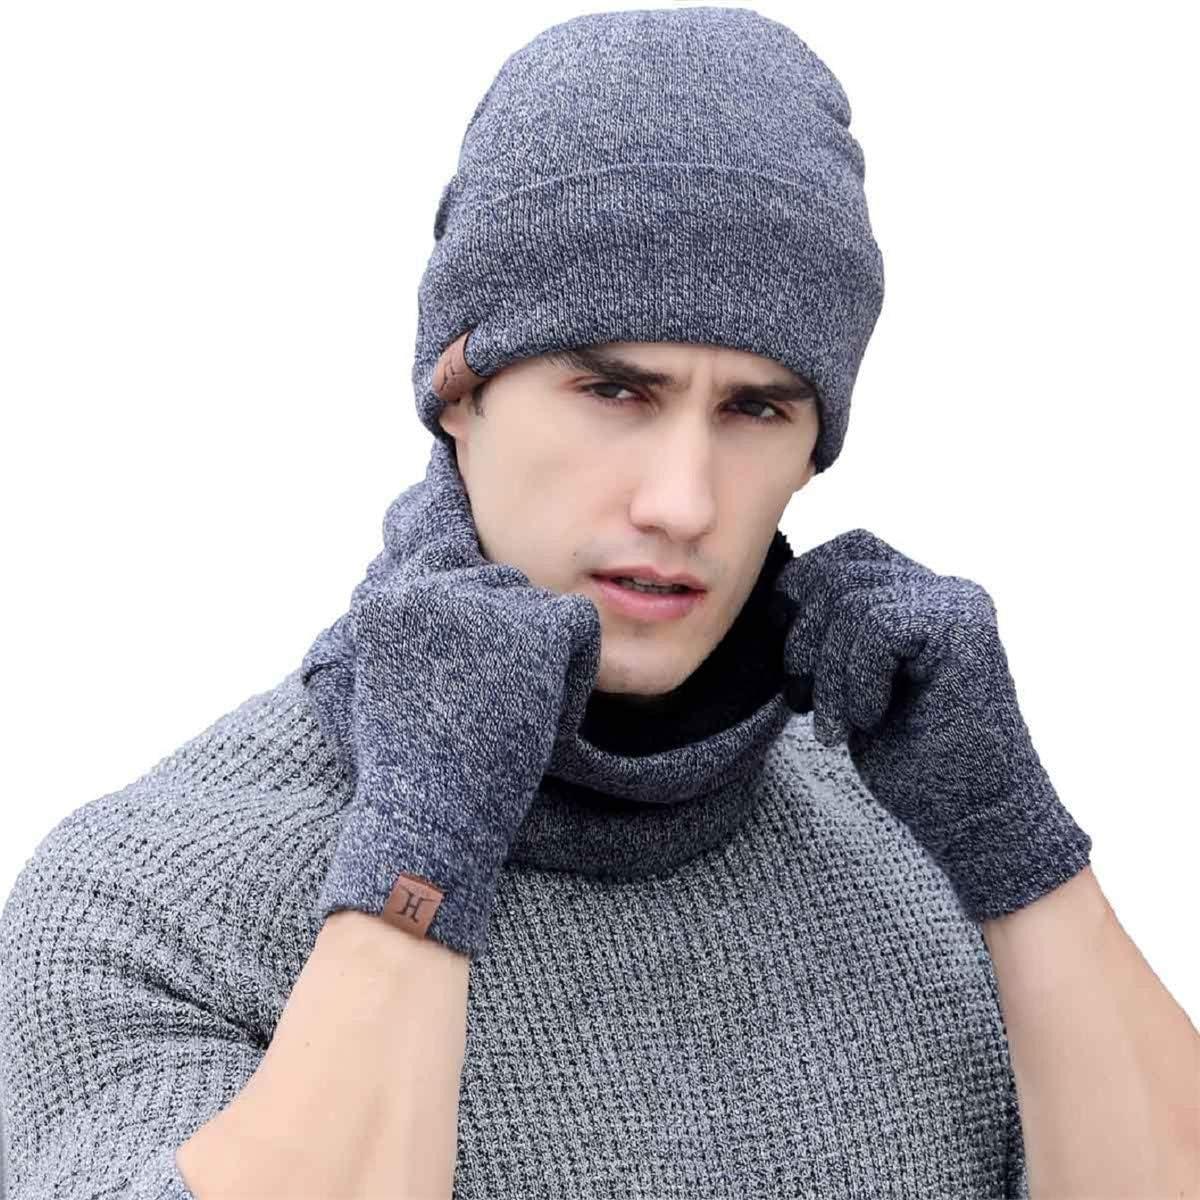 Tuopuda Cappelli Invernali Uomo Cappelli da Donna Invernali Sciarpa Unisex Guanti Invernali Guanti Touch Screen